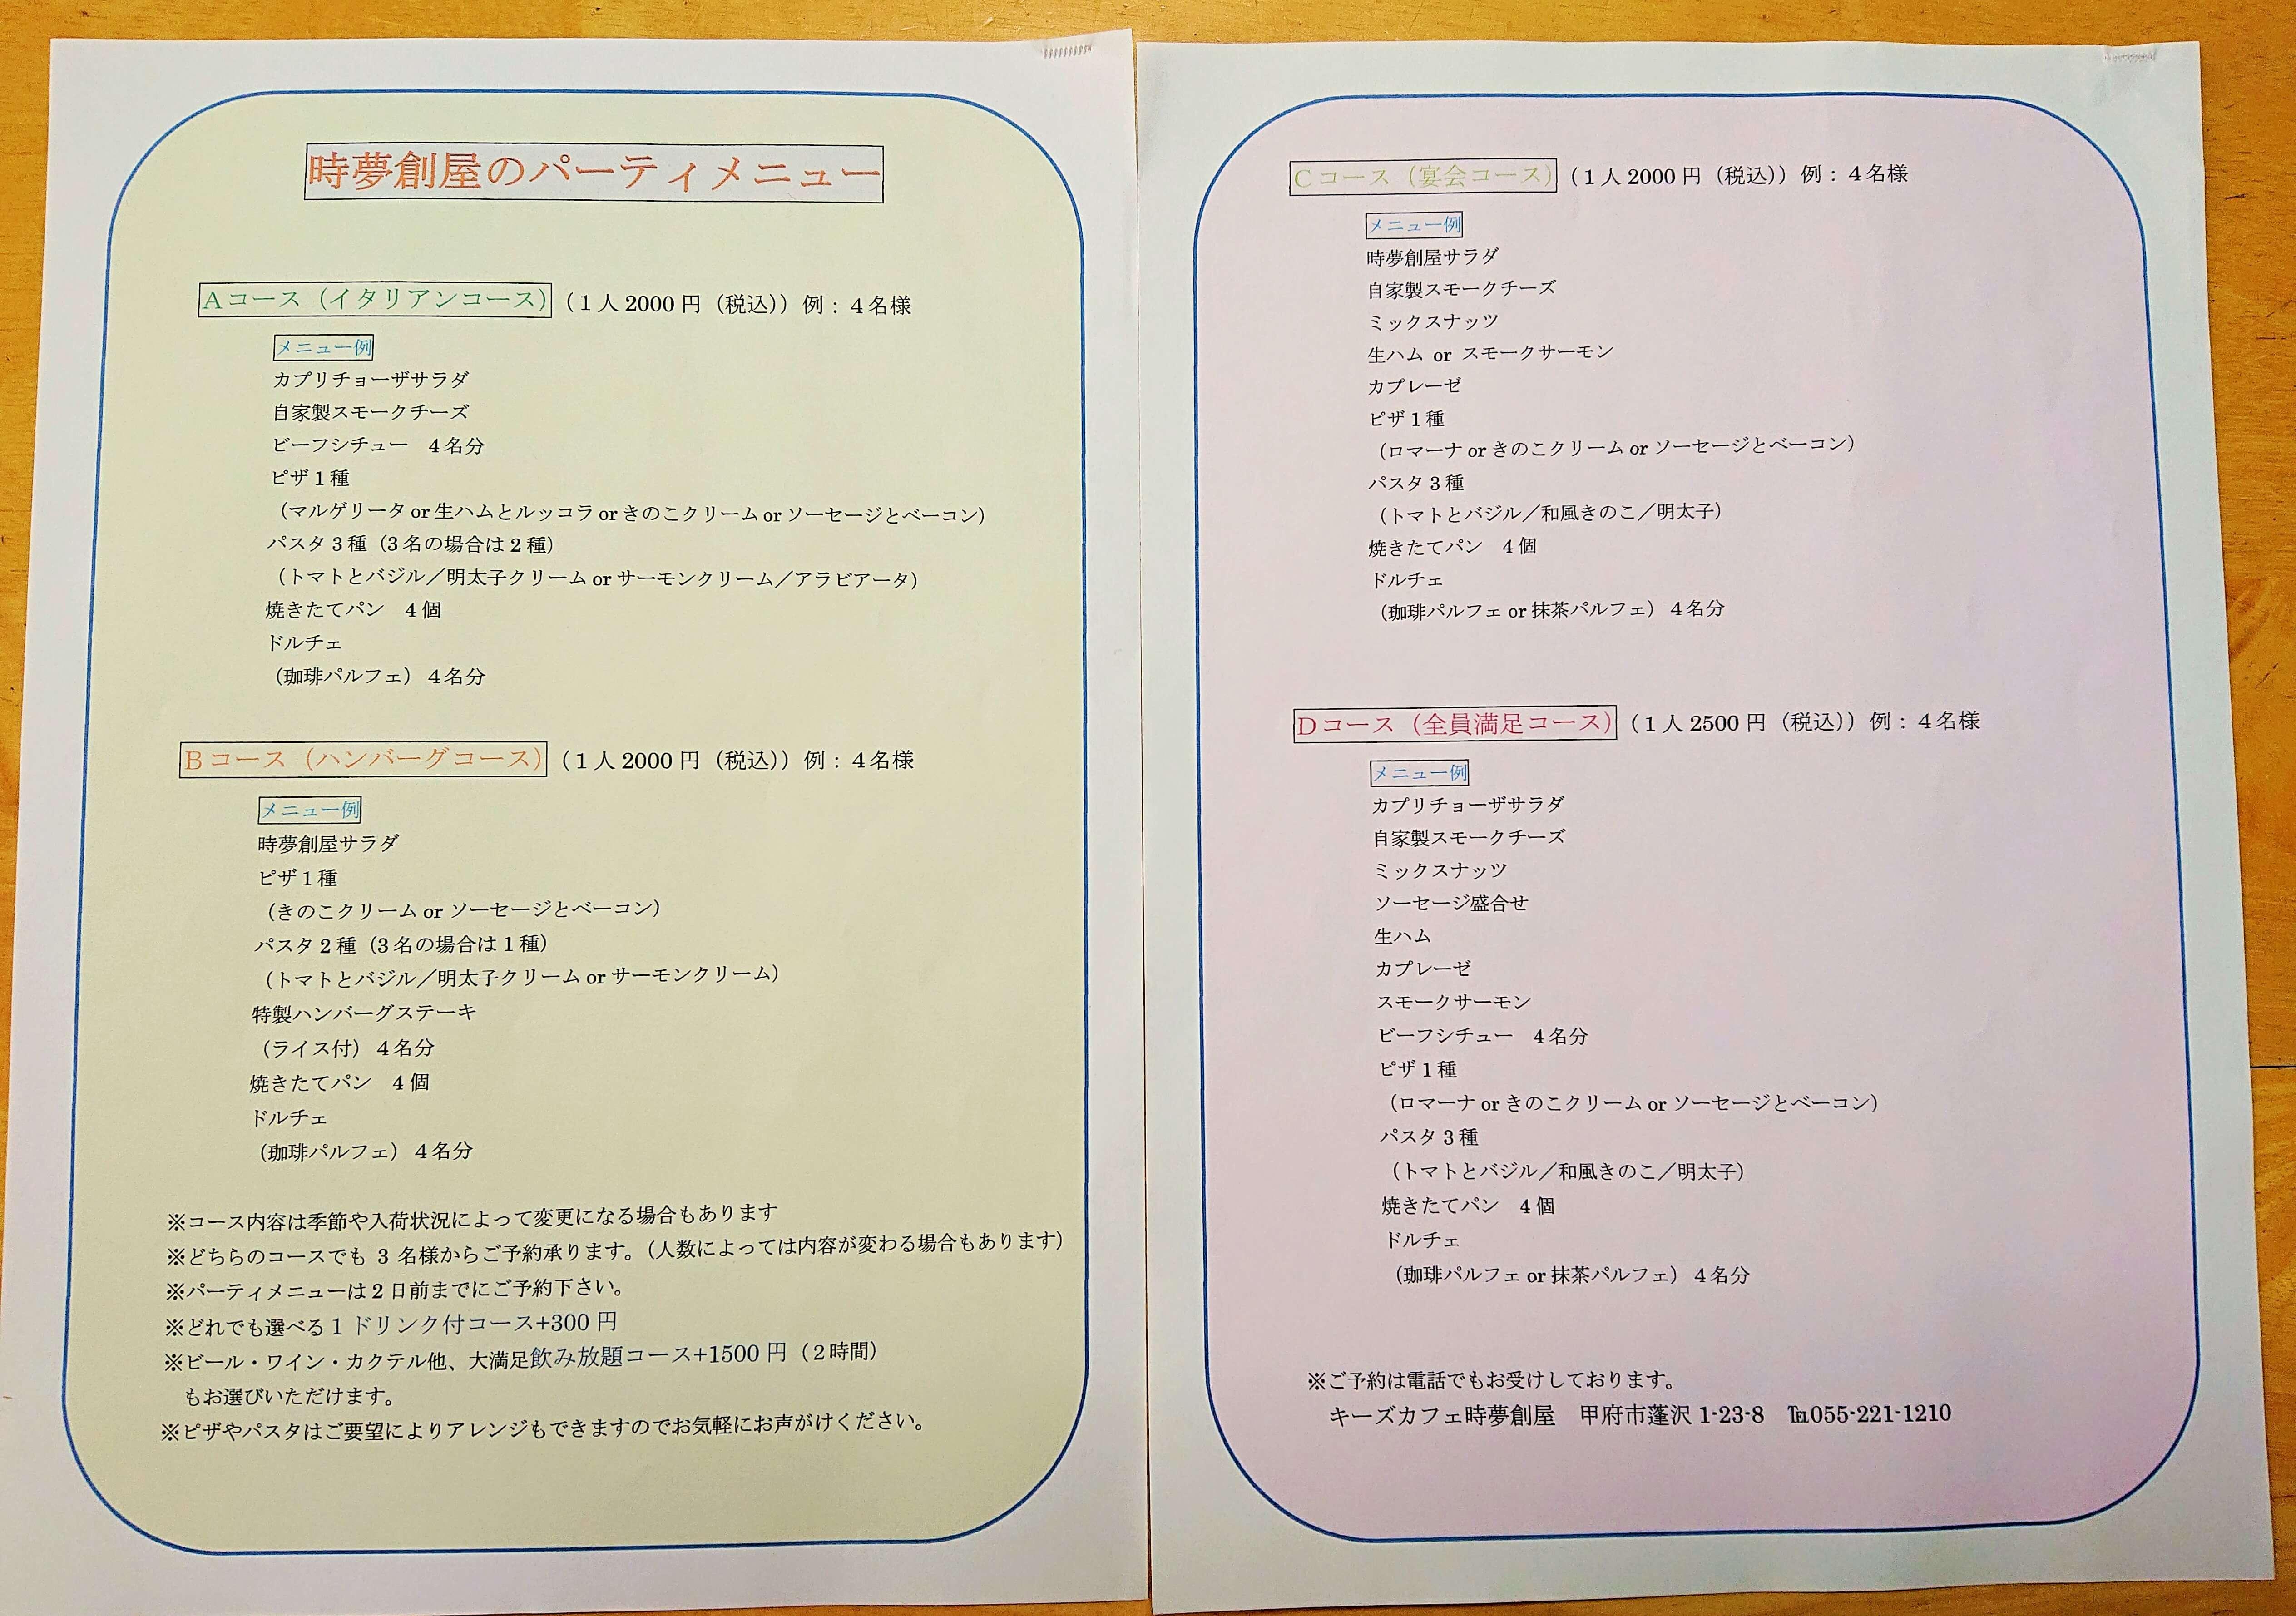 キーズカフェ時夢創屋のコースメニュー表